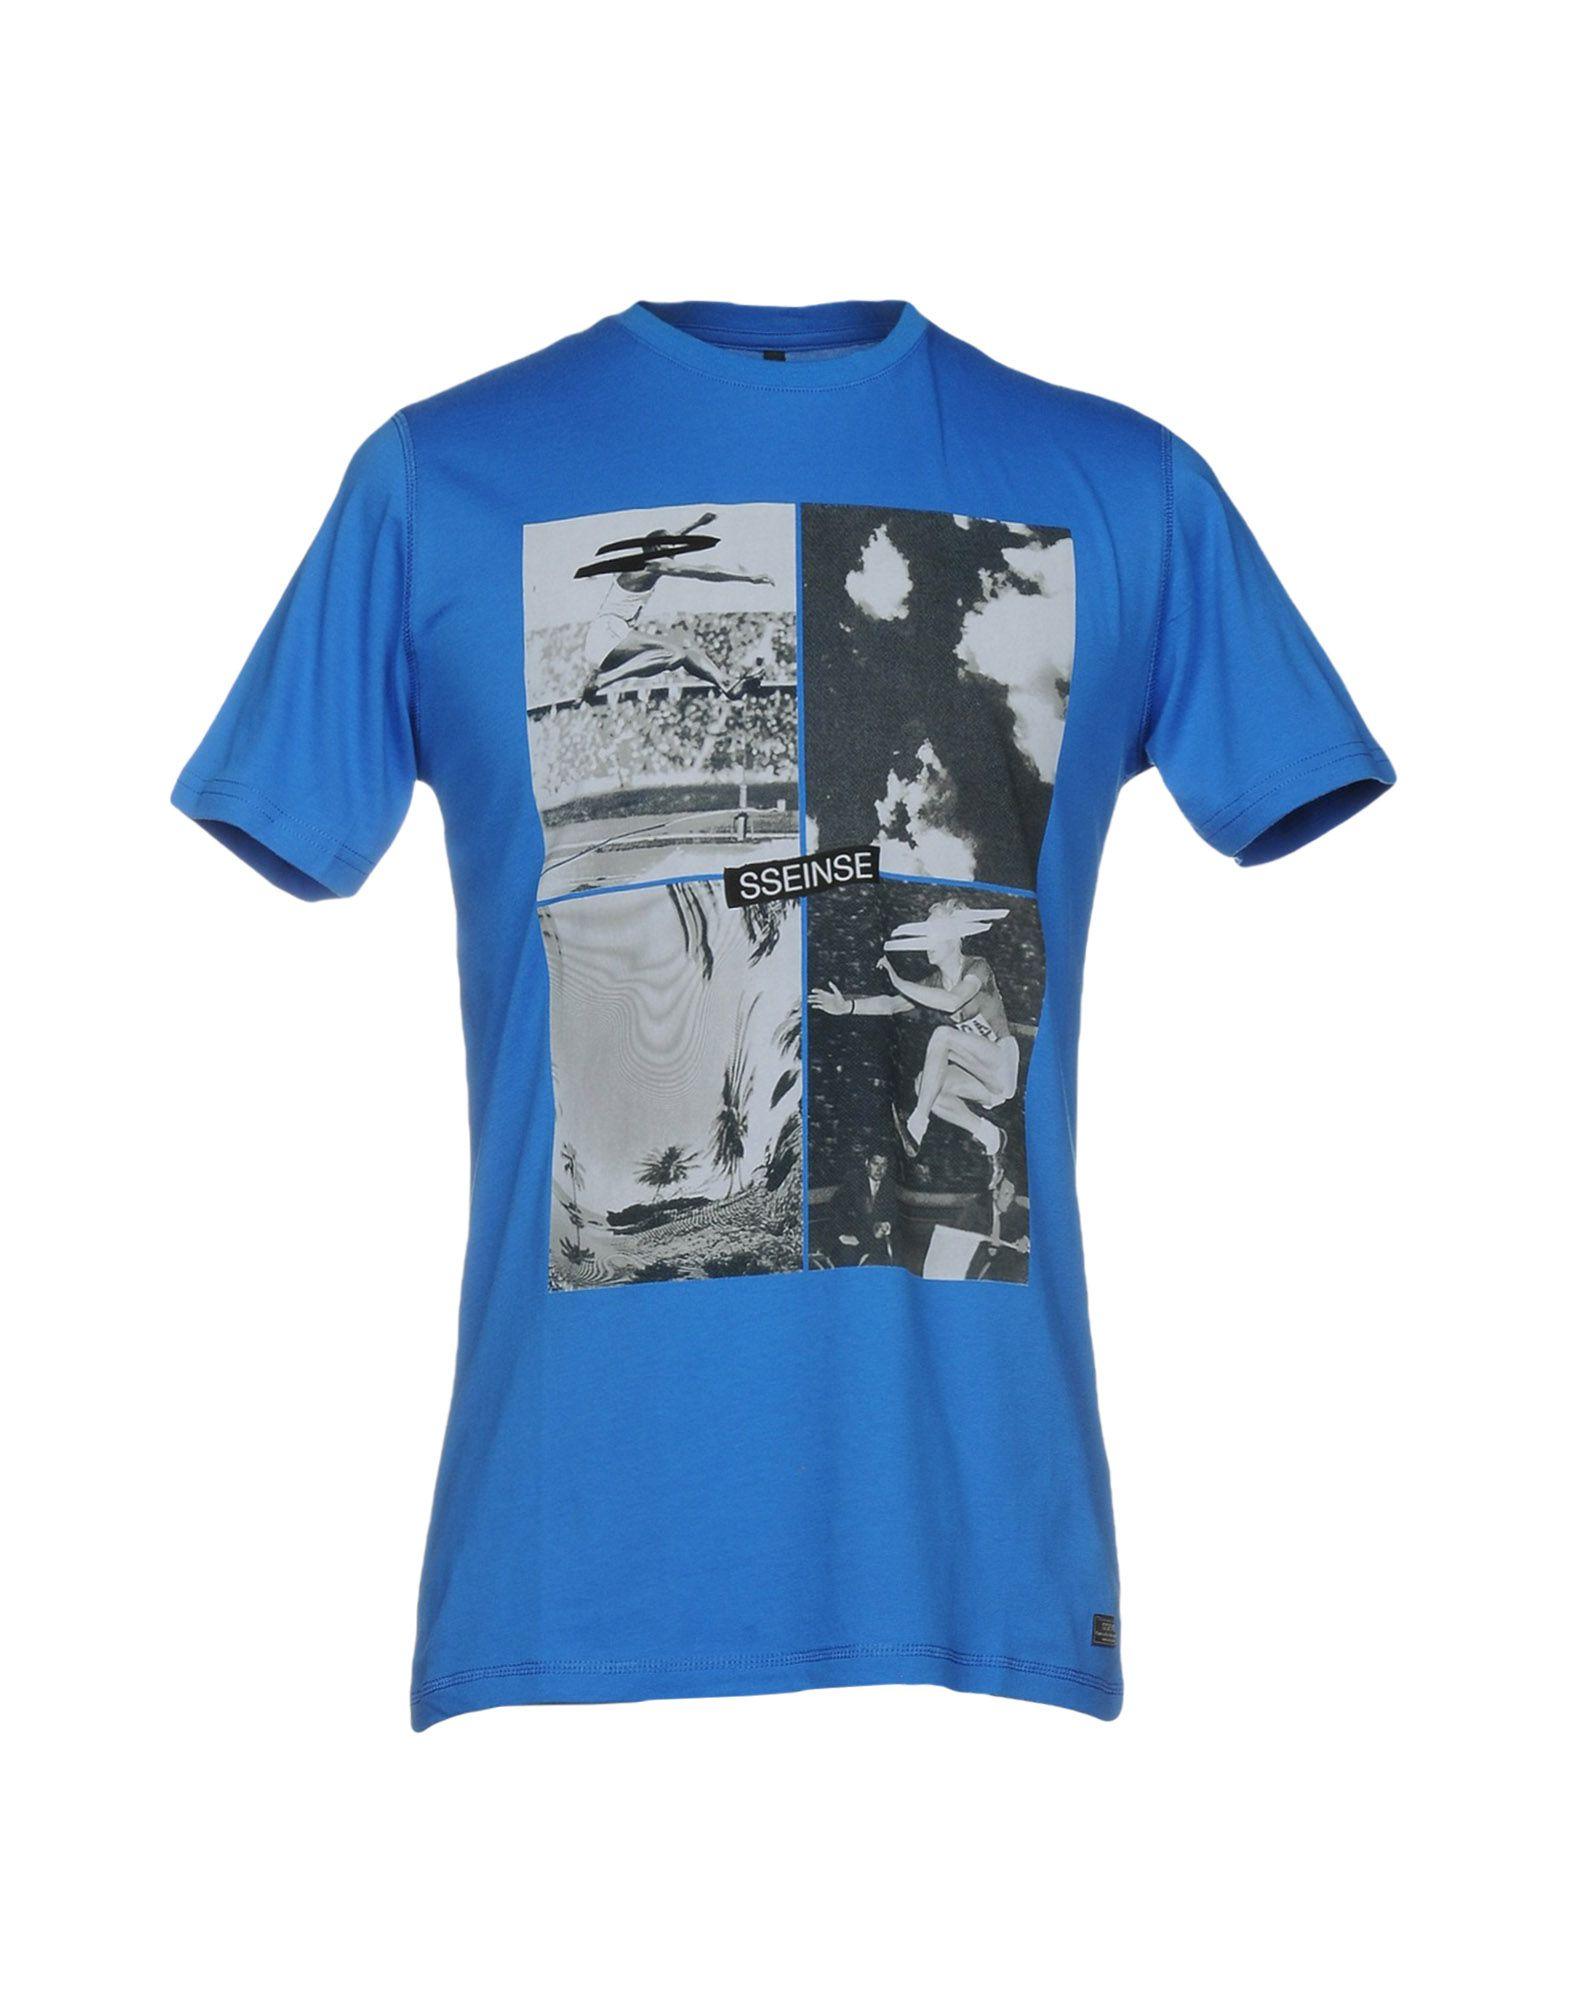 A Uomo buon mercato A buon mercato T-Shirt Sseinse Uomo A - 12128582HB c6b169